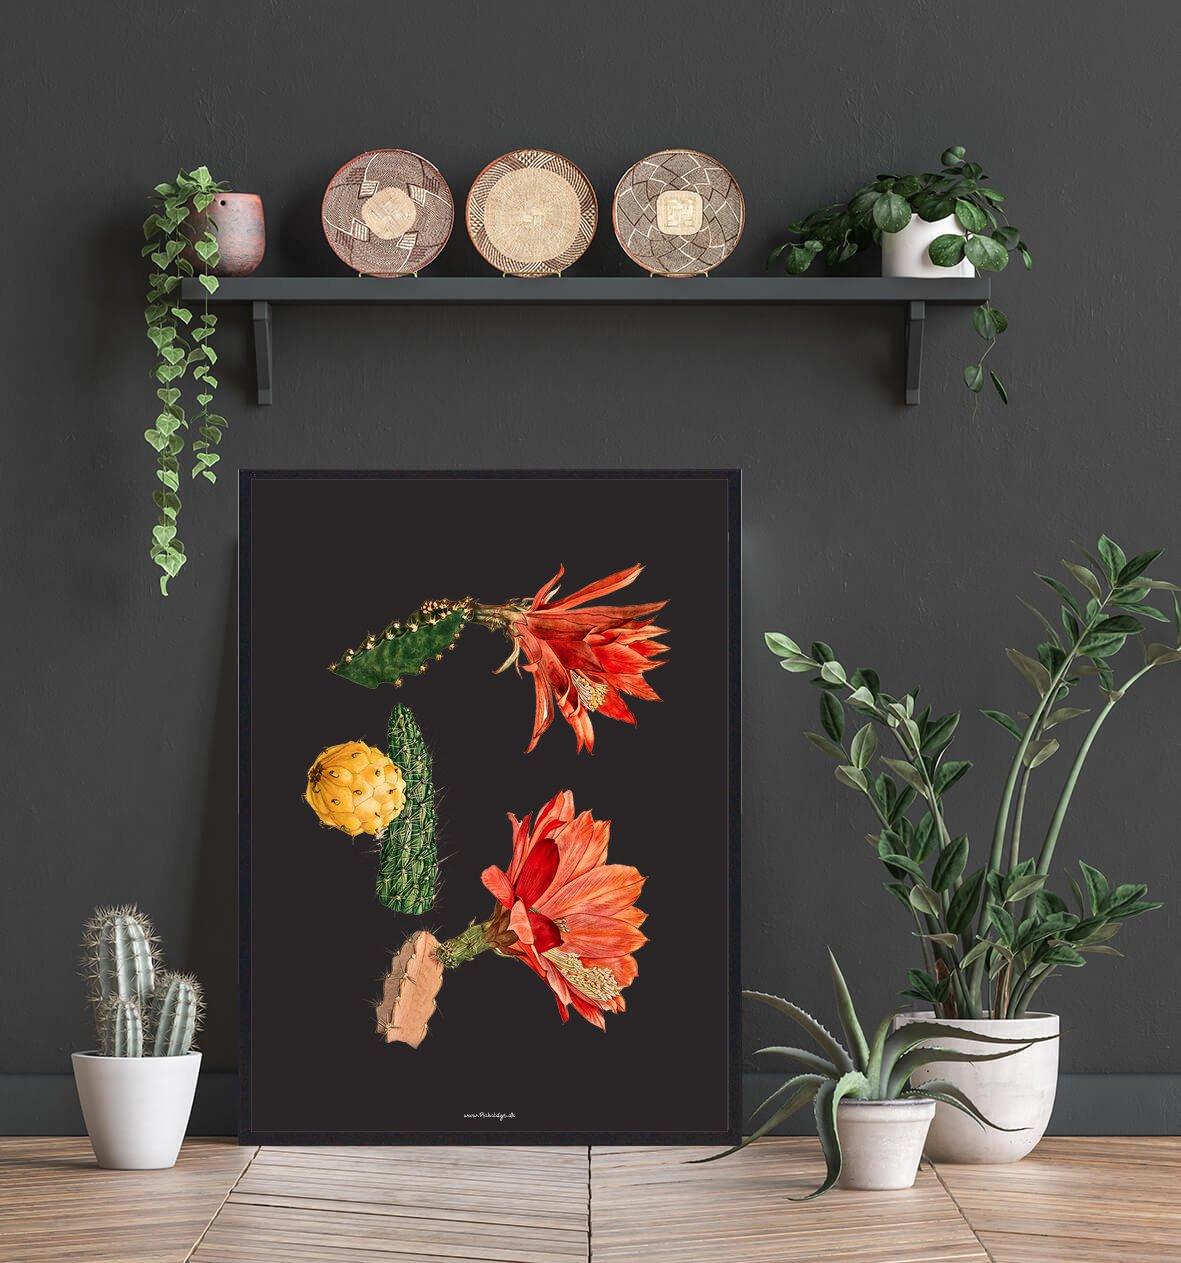 roed-blomst-kaktus-2